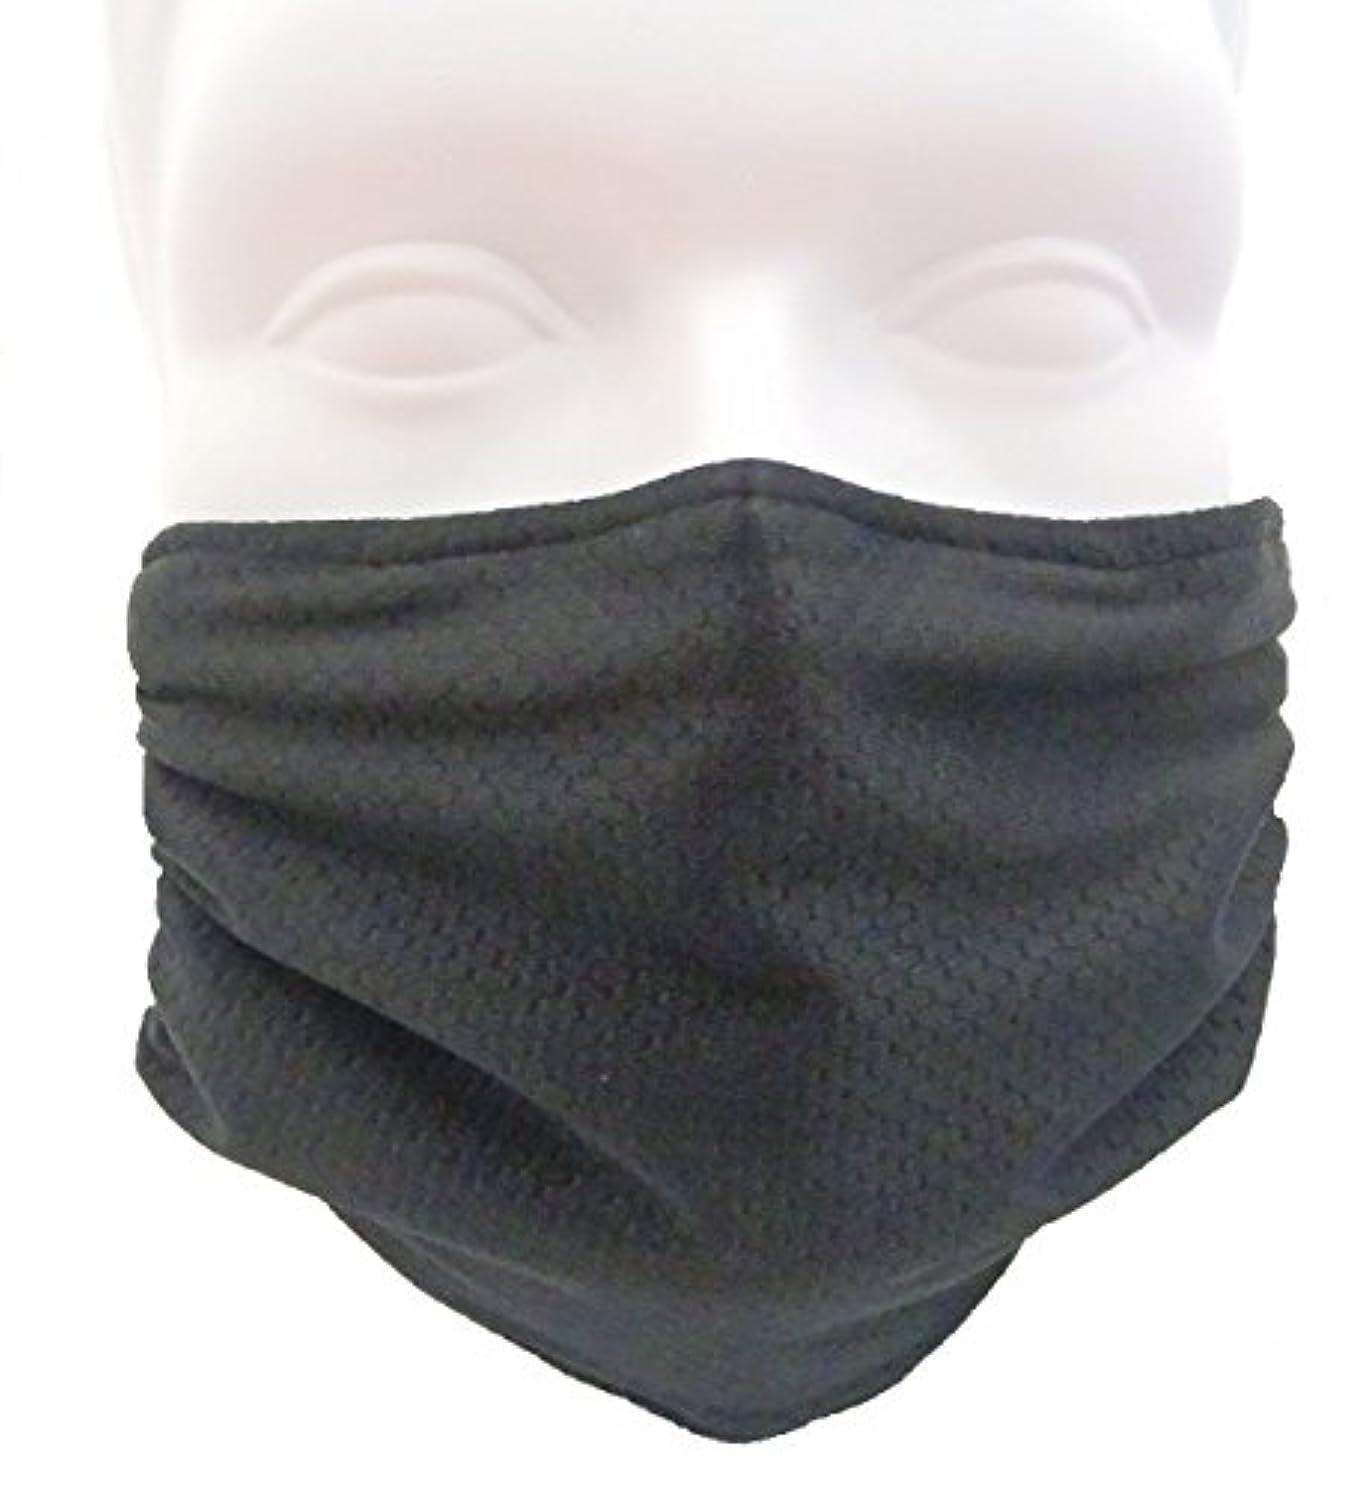 十分に稚魚麻痺させるBreathe Healthy(ブリーズヘルシー) ハニカムマスク ブラック